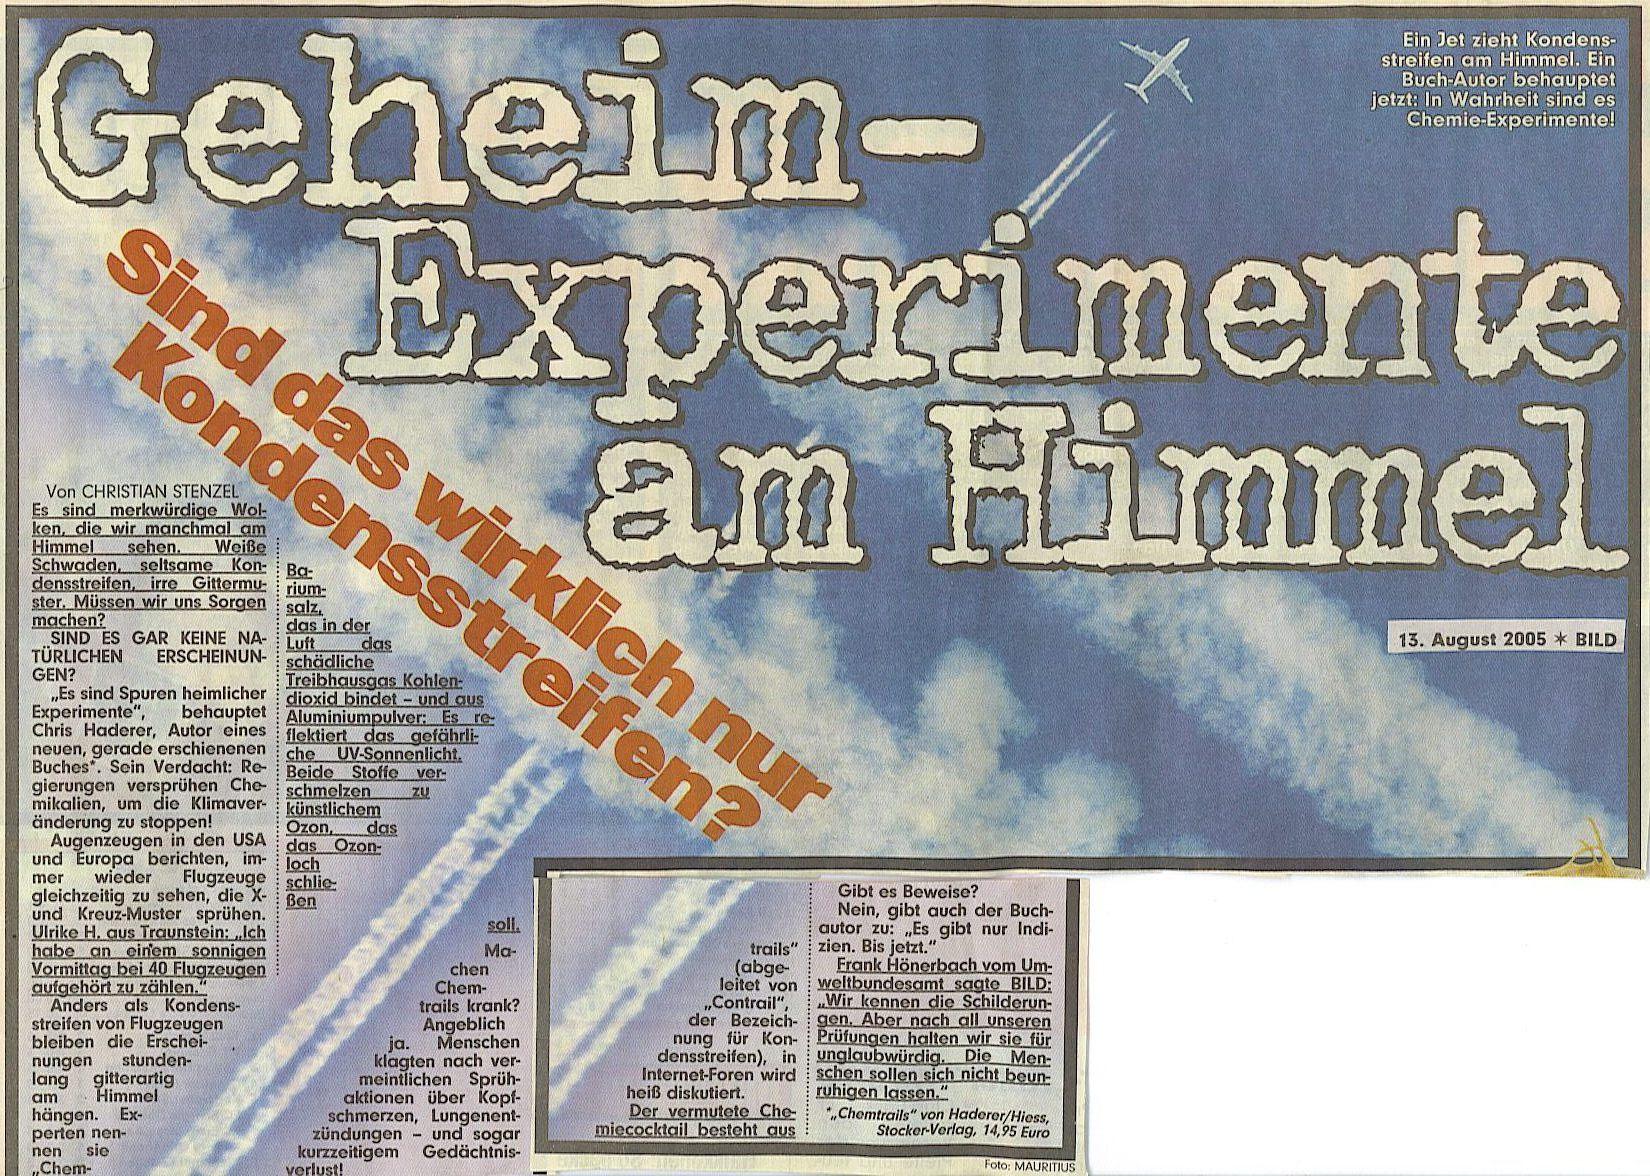 Chemtrails 2005 Schlagzeile: Bild